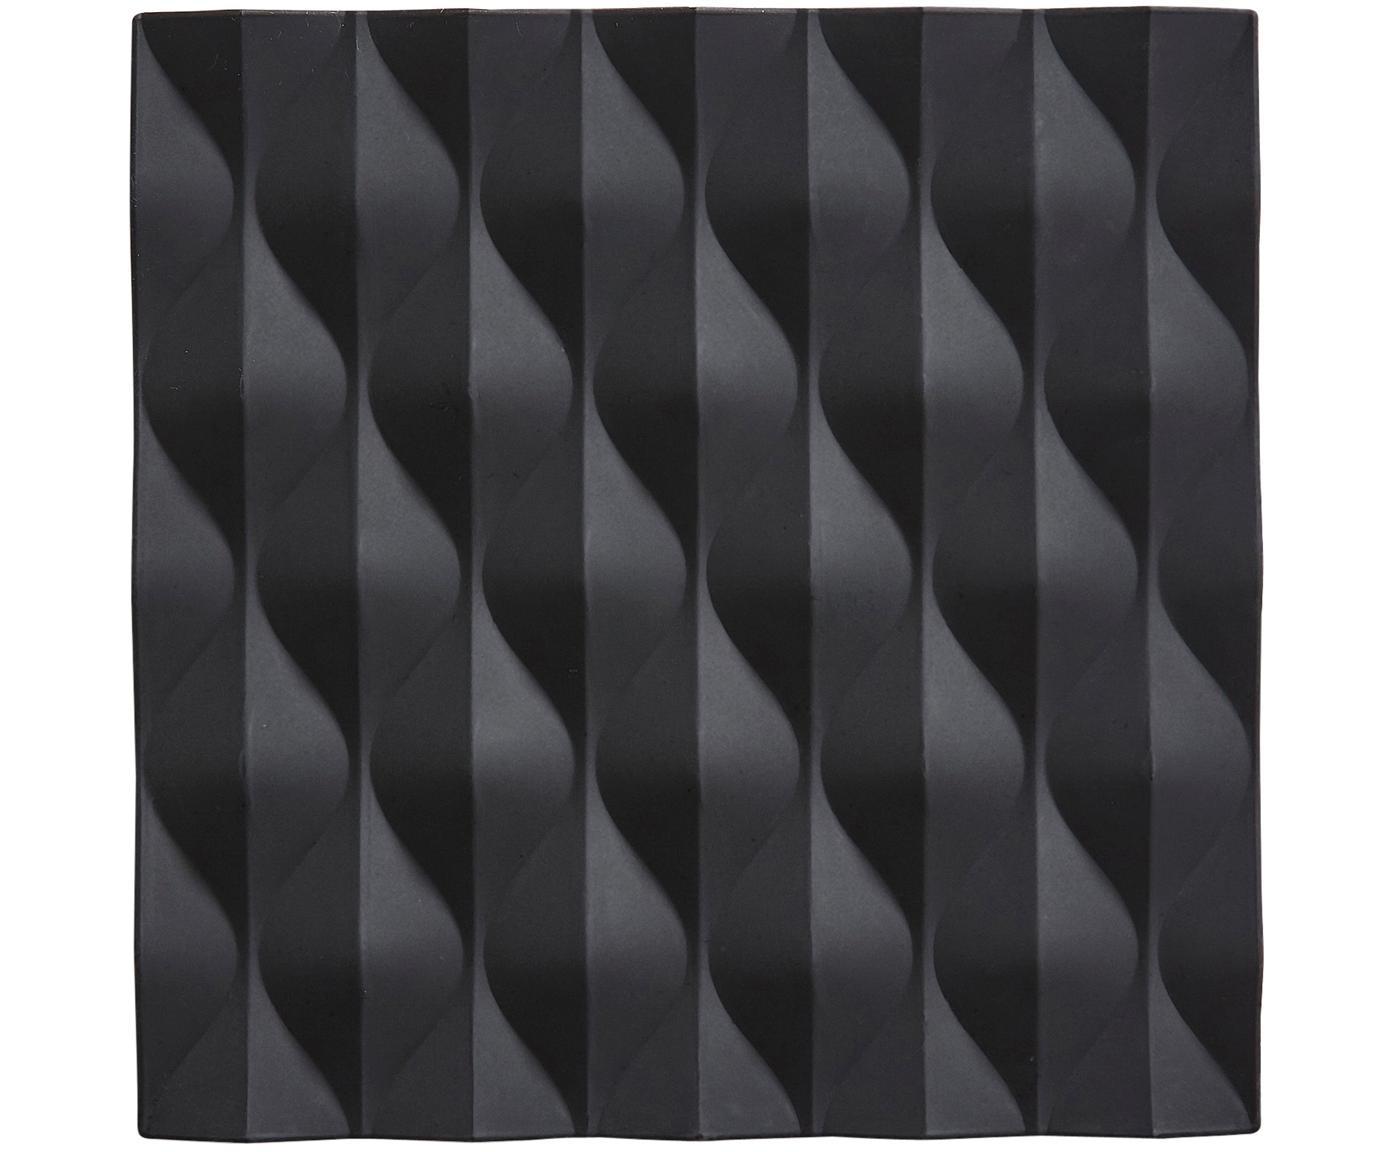 Podstawka pod gorące naczynia Origami Wave, 2 szt., Silikon, Czarny, S 16 x G 16 cm